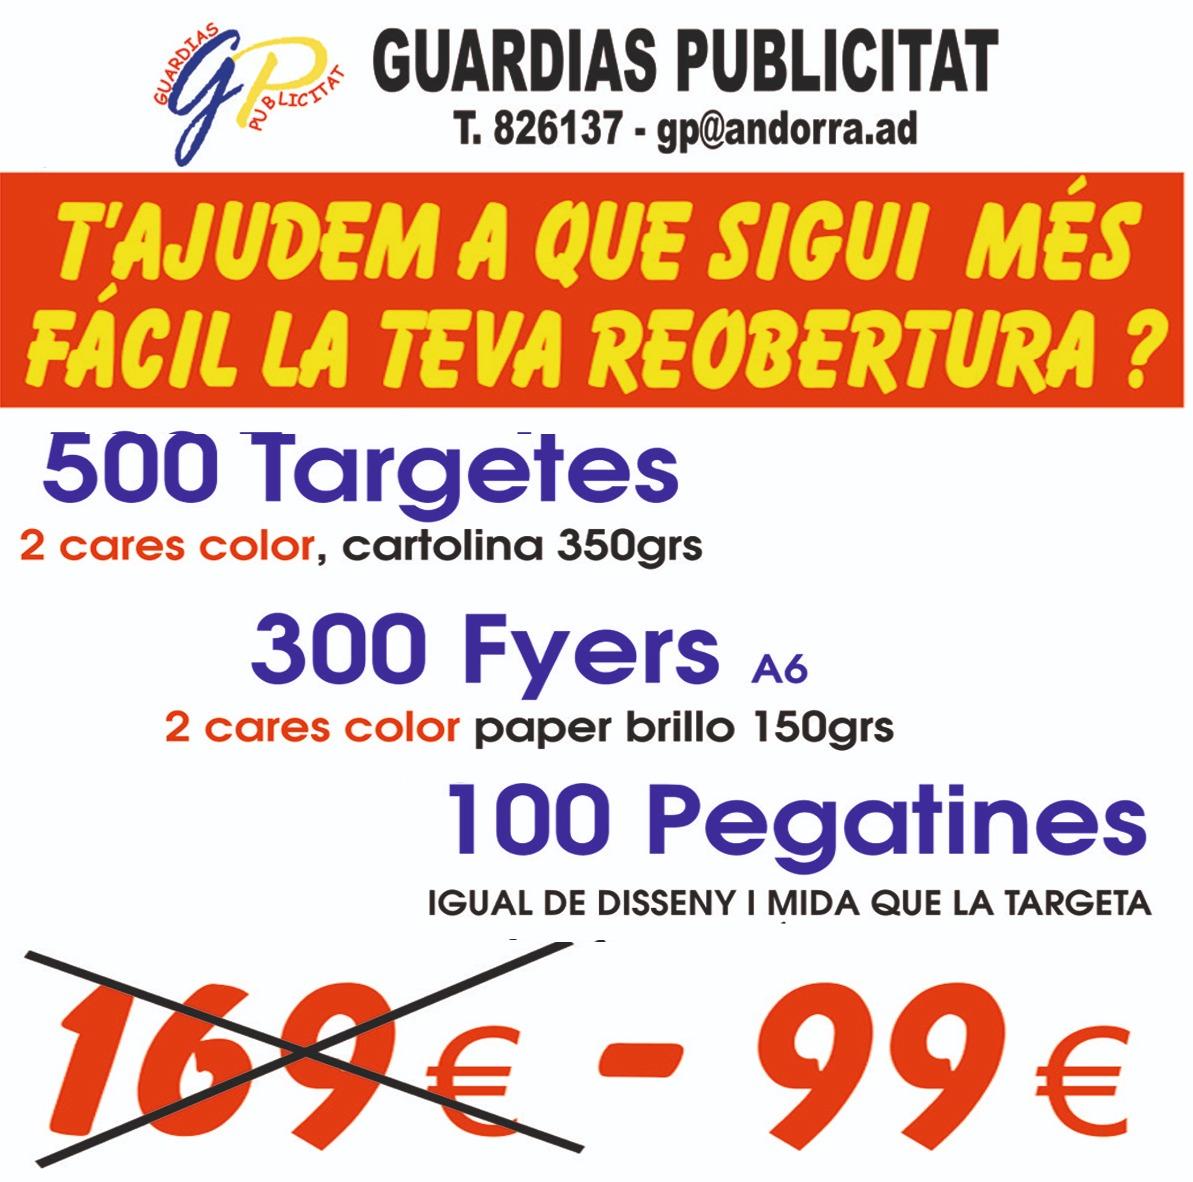 Impremta baix cost a Andorra Guardias Publicitat Imatge corporativa Disseny gràfic Renovació imatge corporativa Logotipus, dossiers, catàlegs, tríptics, flyers, targetes varietat de dissenys especialistes en targetes per Restaurants i Hotels